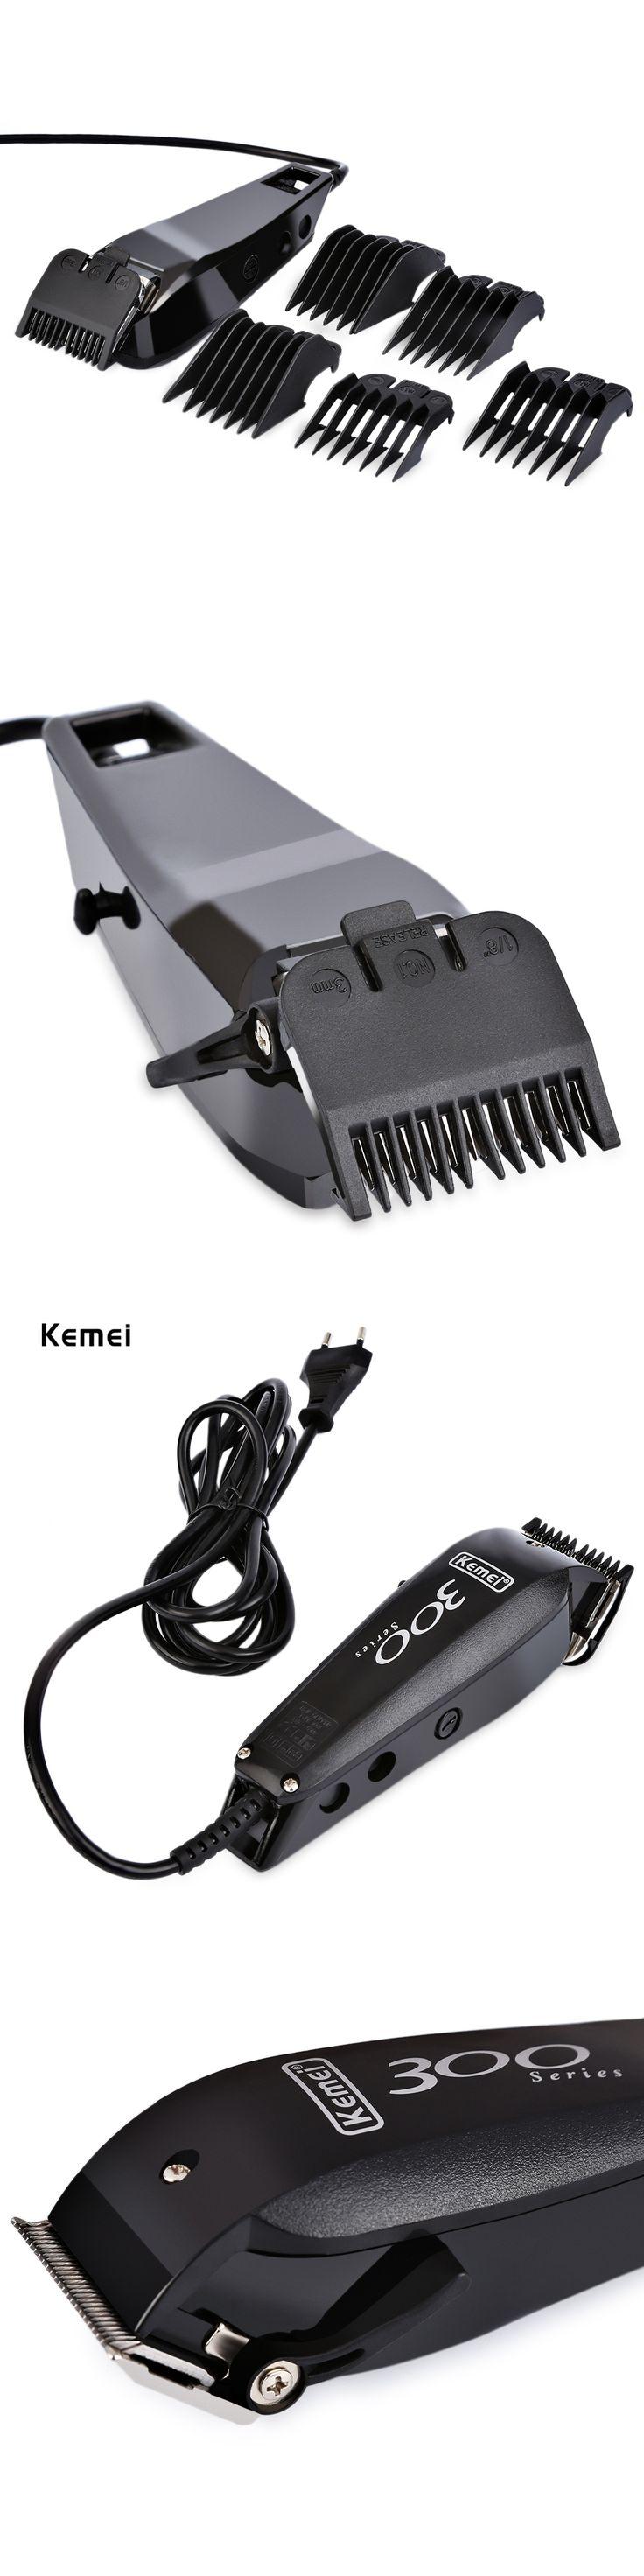 Electric Hair Clipper Ceramic Titanium Hair Trimmer For Men Barber Hair Cutting Machine Kemei 220-240v Professional Hair Trimmer